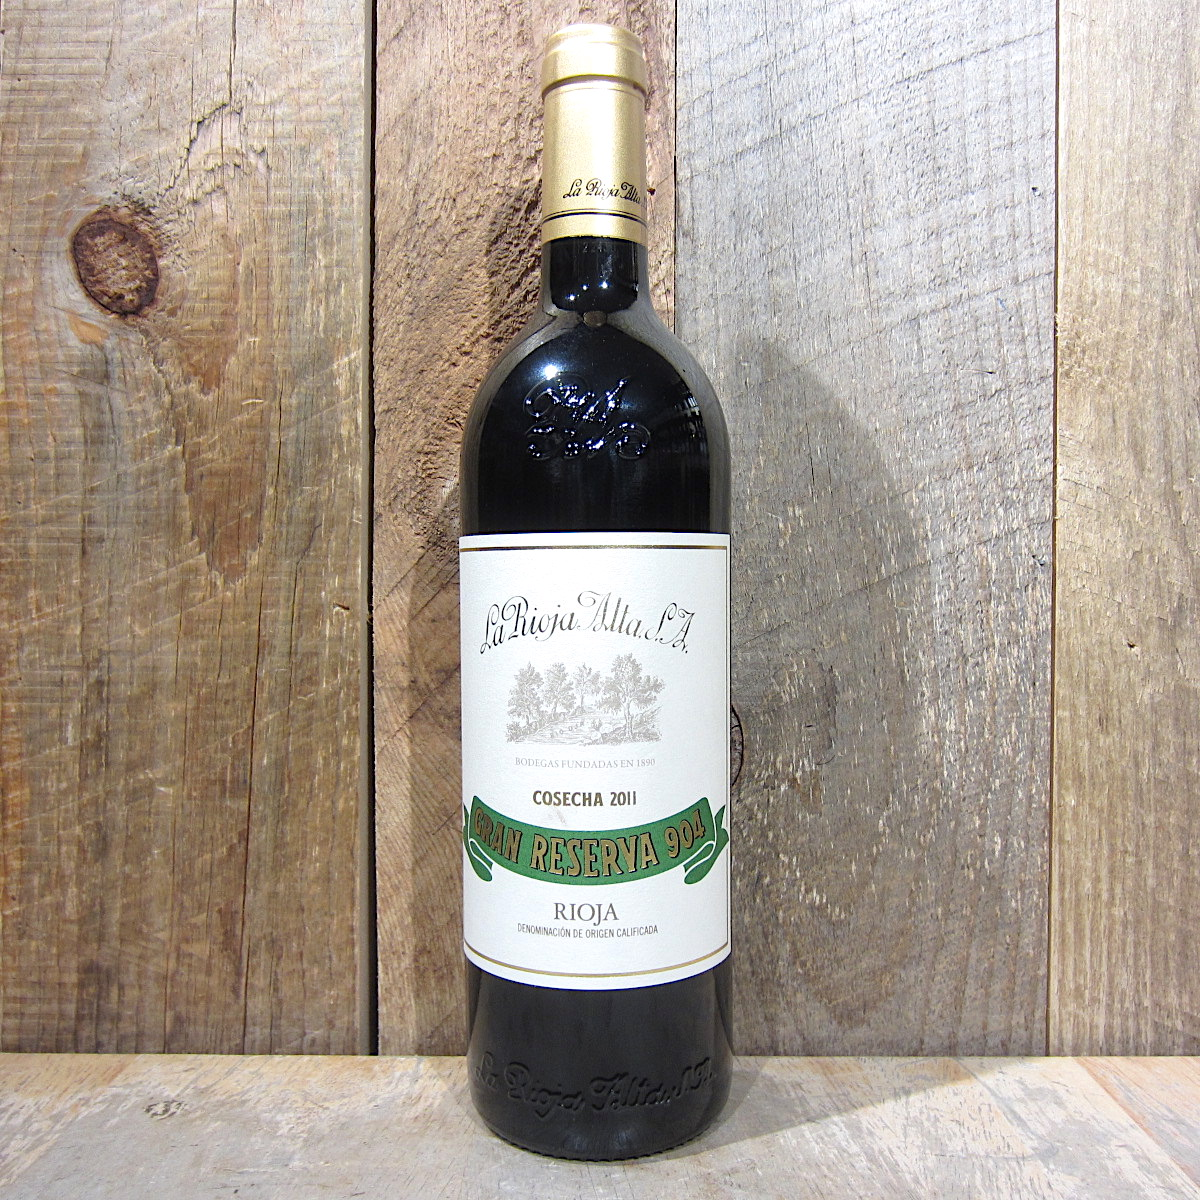 La Rioja Alta Gran Reserva 904 2011 750ml